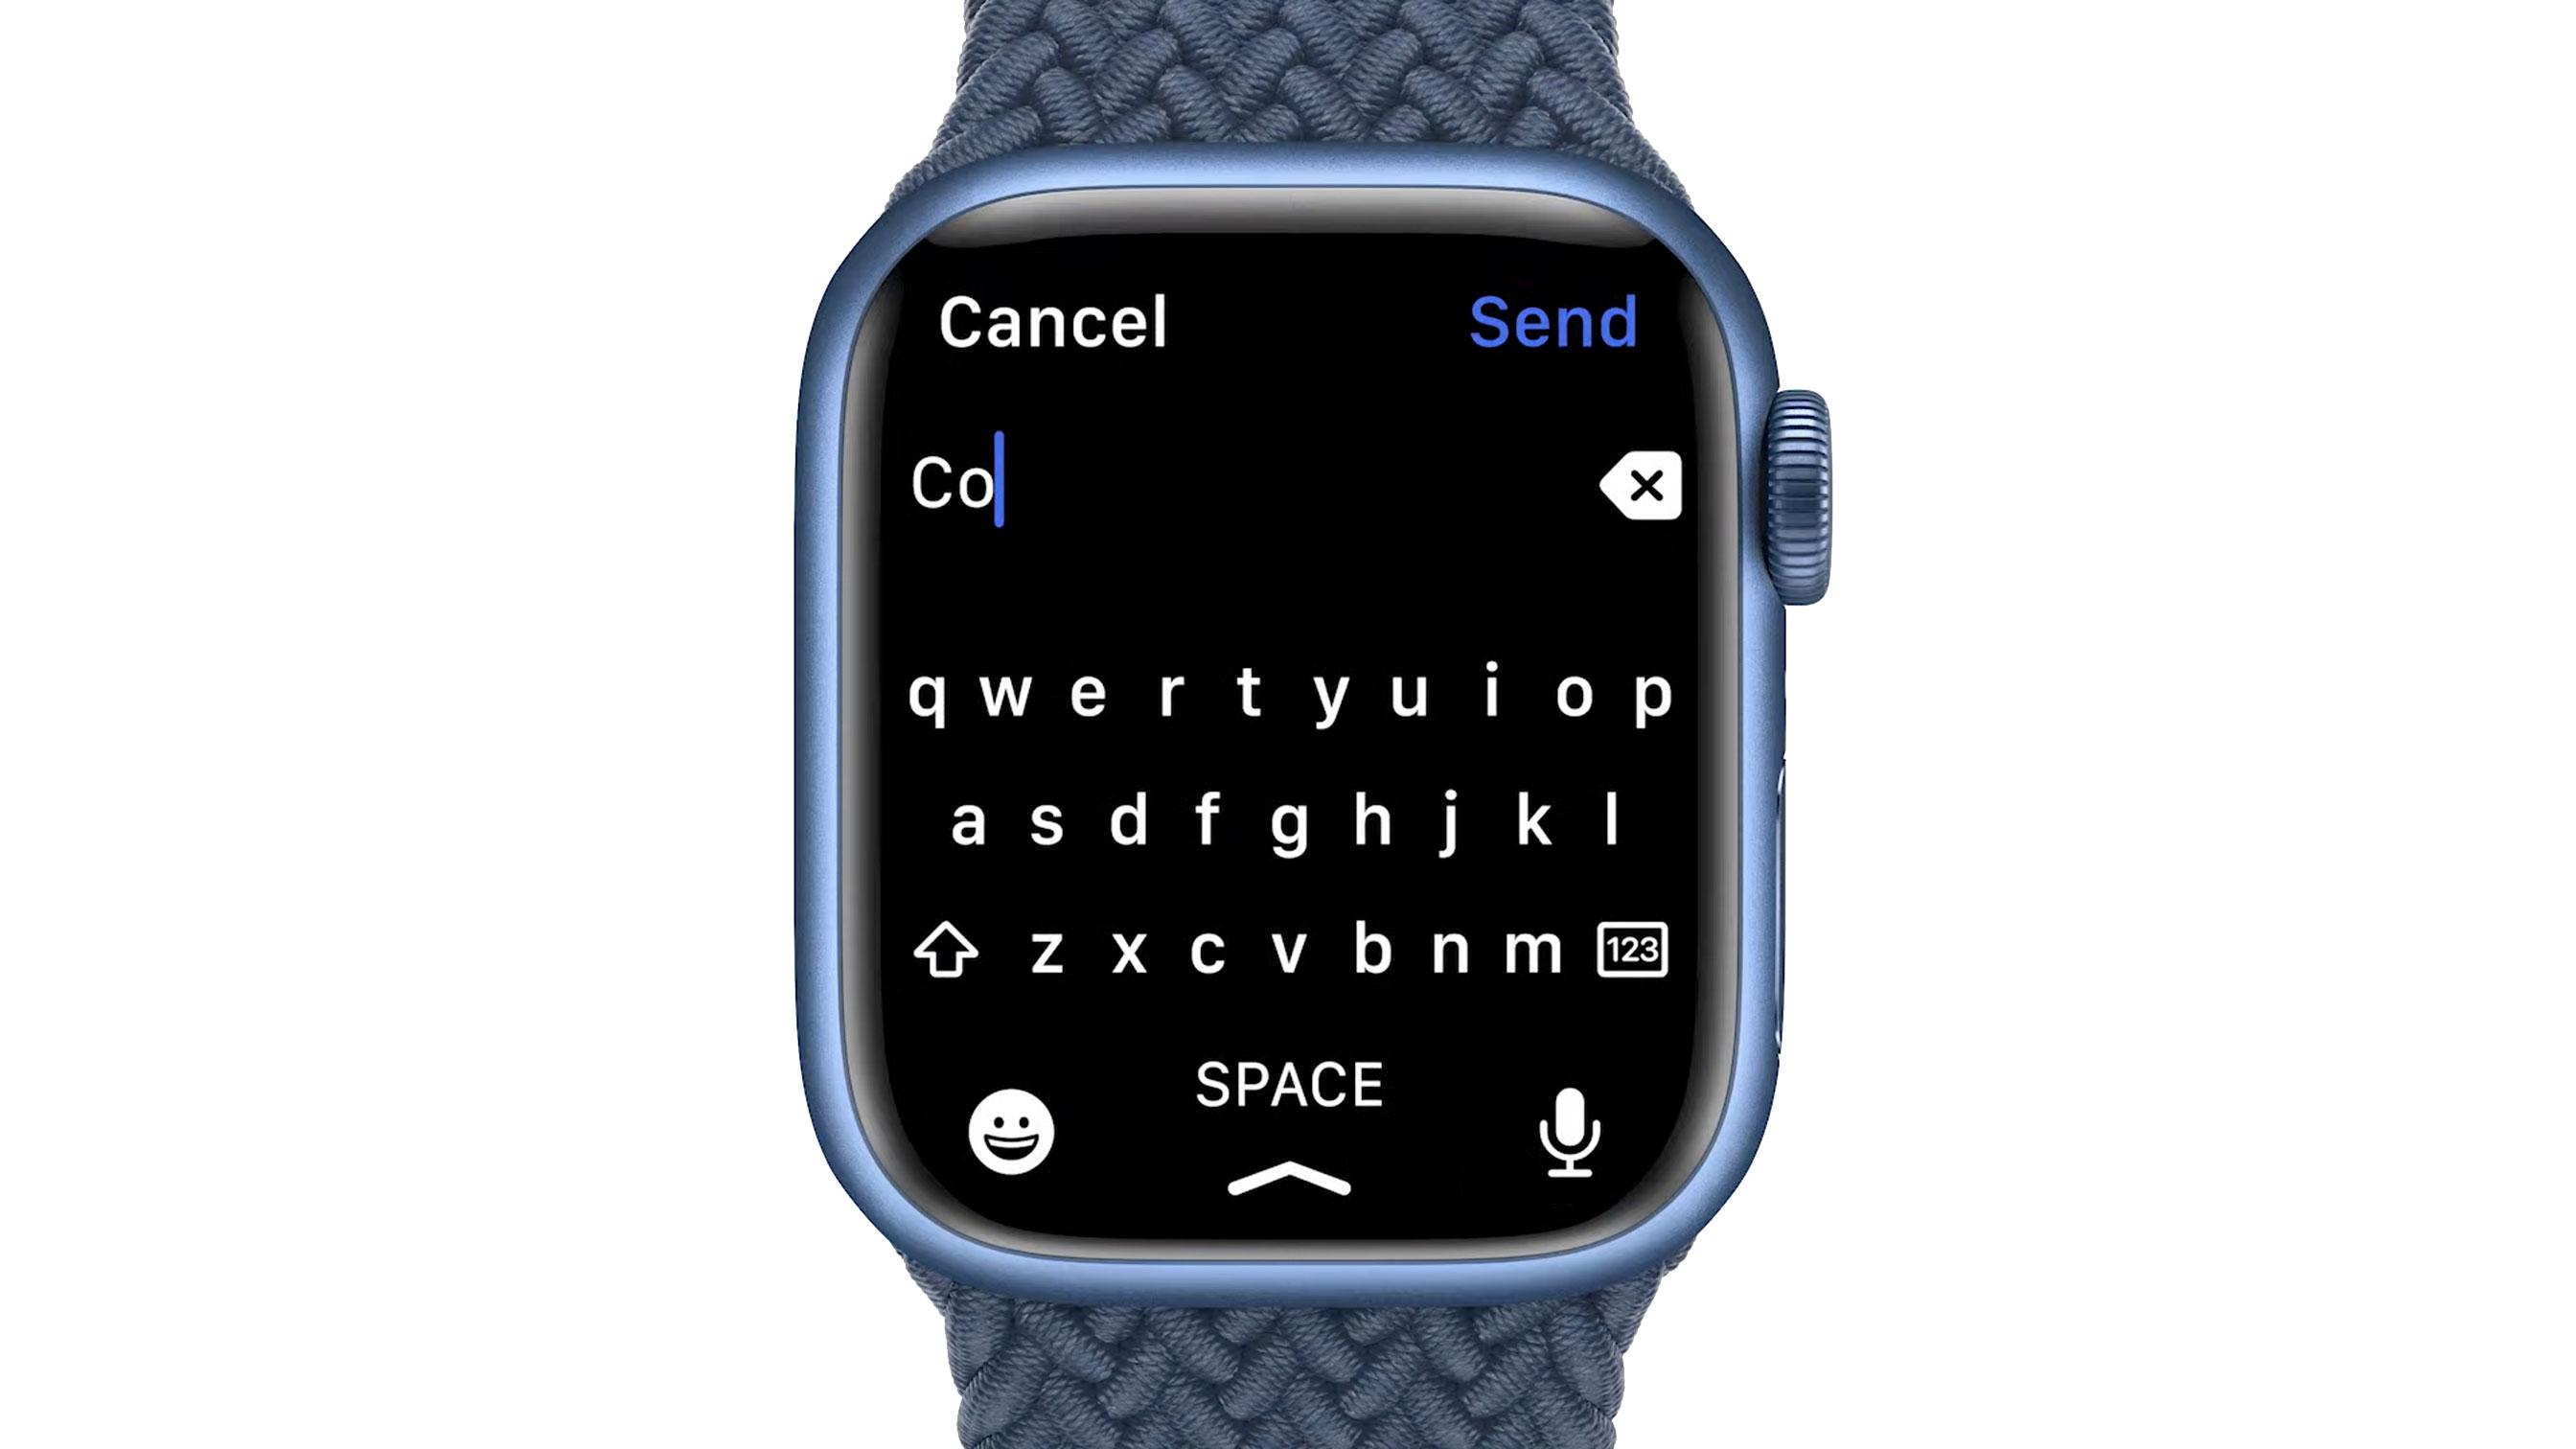 https://www.macfreak.nl/modules/news/images/zArt.AppleWatchSeries7OnScreenKeyboard.jpg